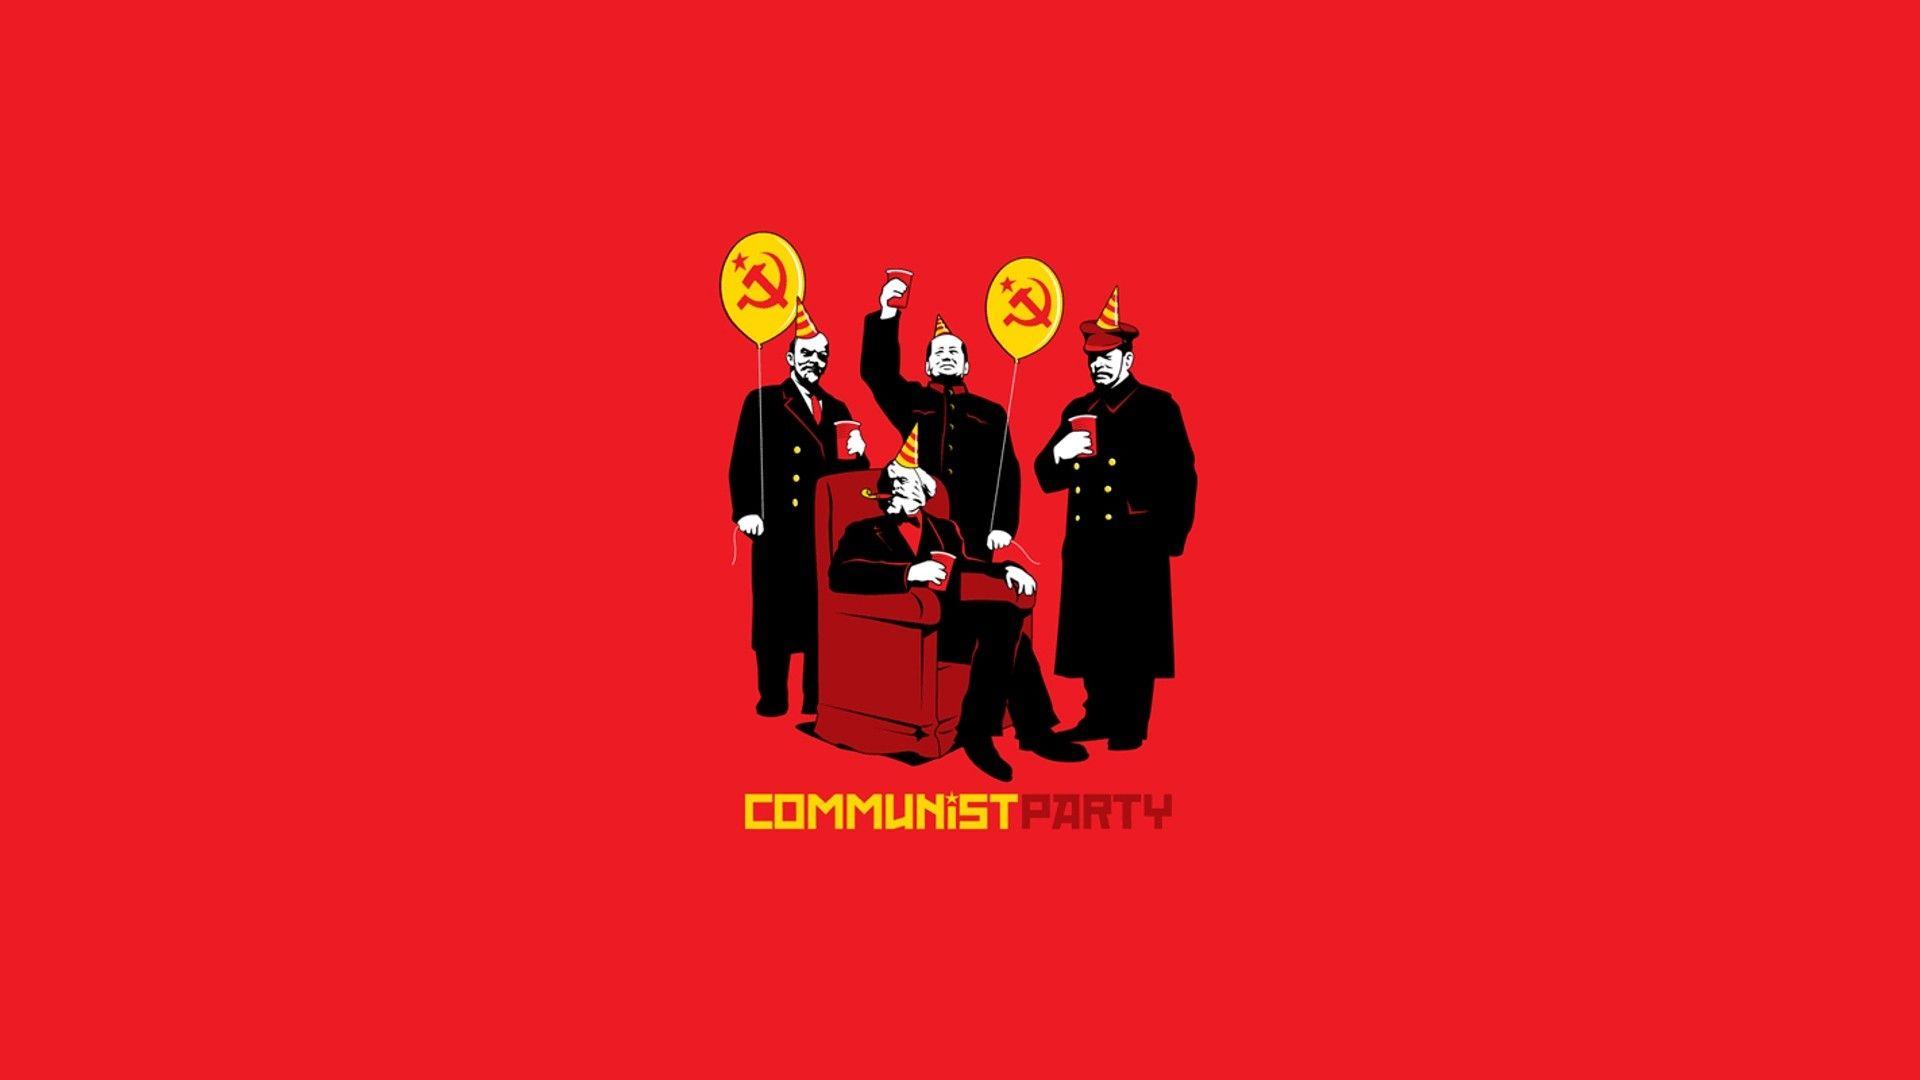 Res 1920x1080 Communist Party